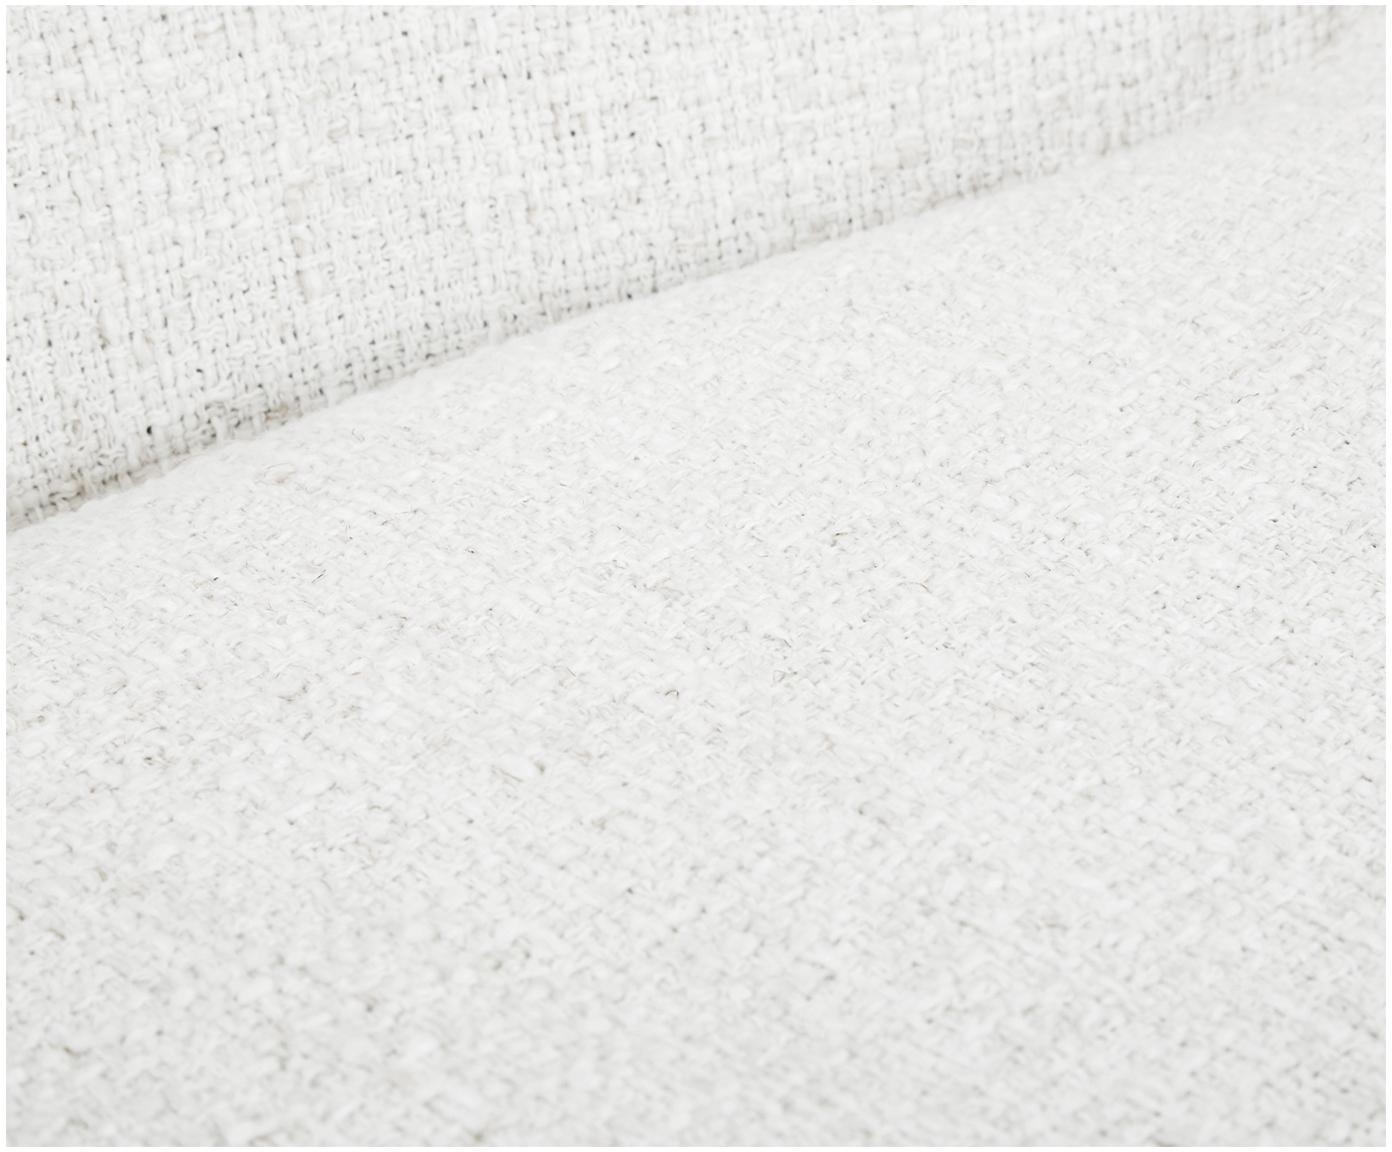 Bouclé-Polsterstuhl Tess, Bezug: 70% Polyester, 20% Viskos, Beine: Metall, beschichtet, Bouclé Cremeweiß, Beine Gold, B 48 x T 64 cm